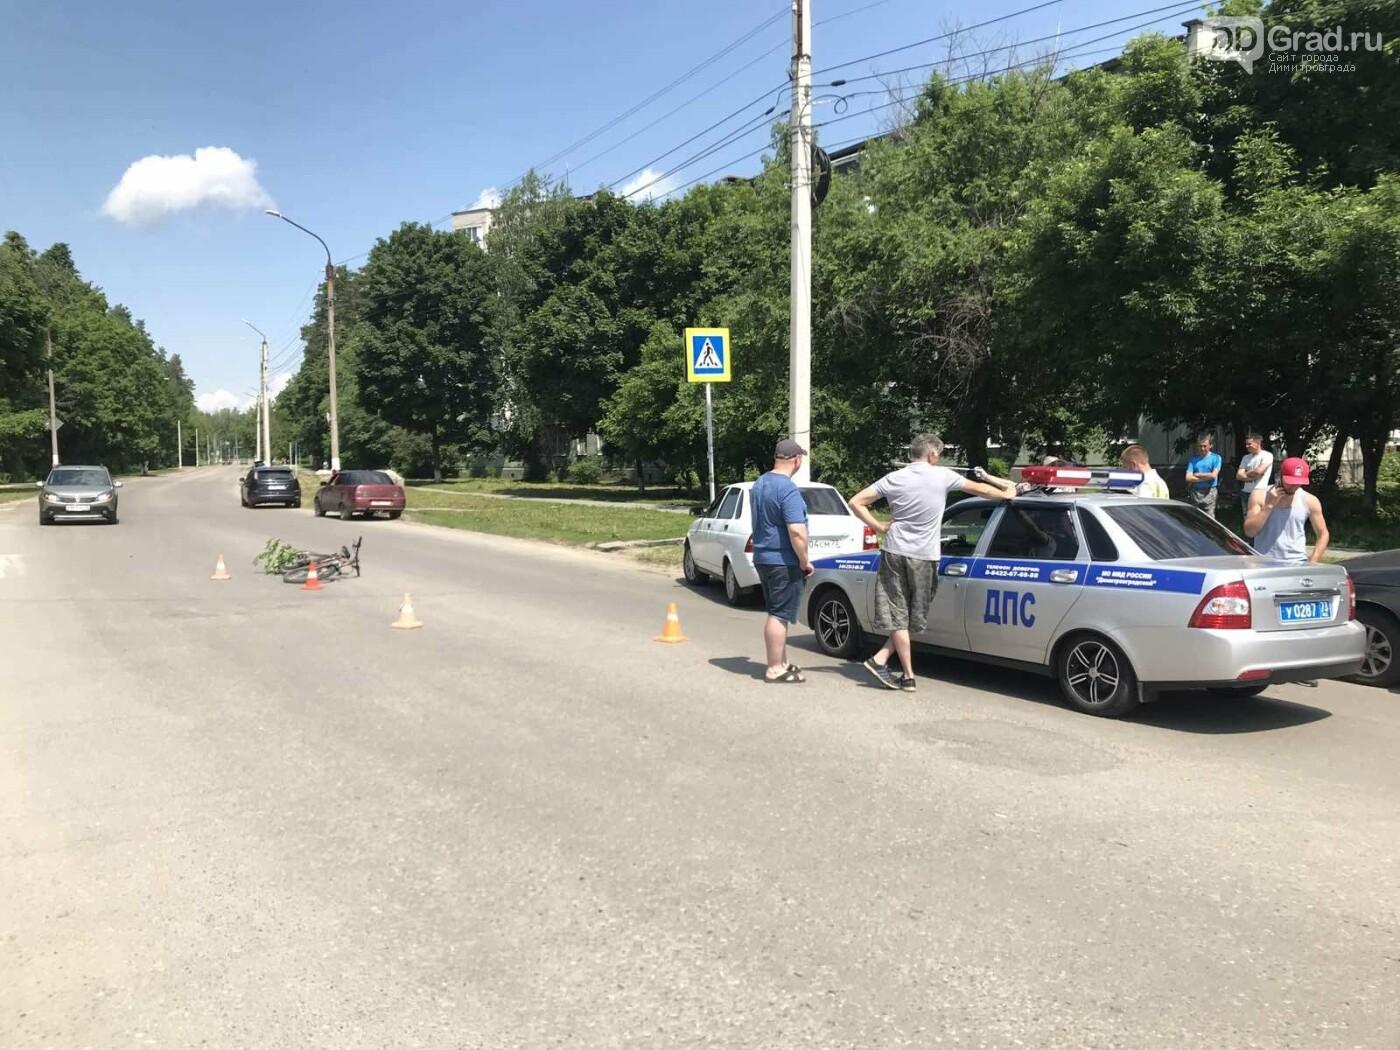 В Димитровграде случилось ДТП с участием ребенка. Фото., фото-2